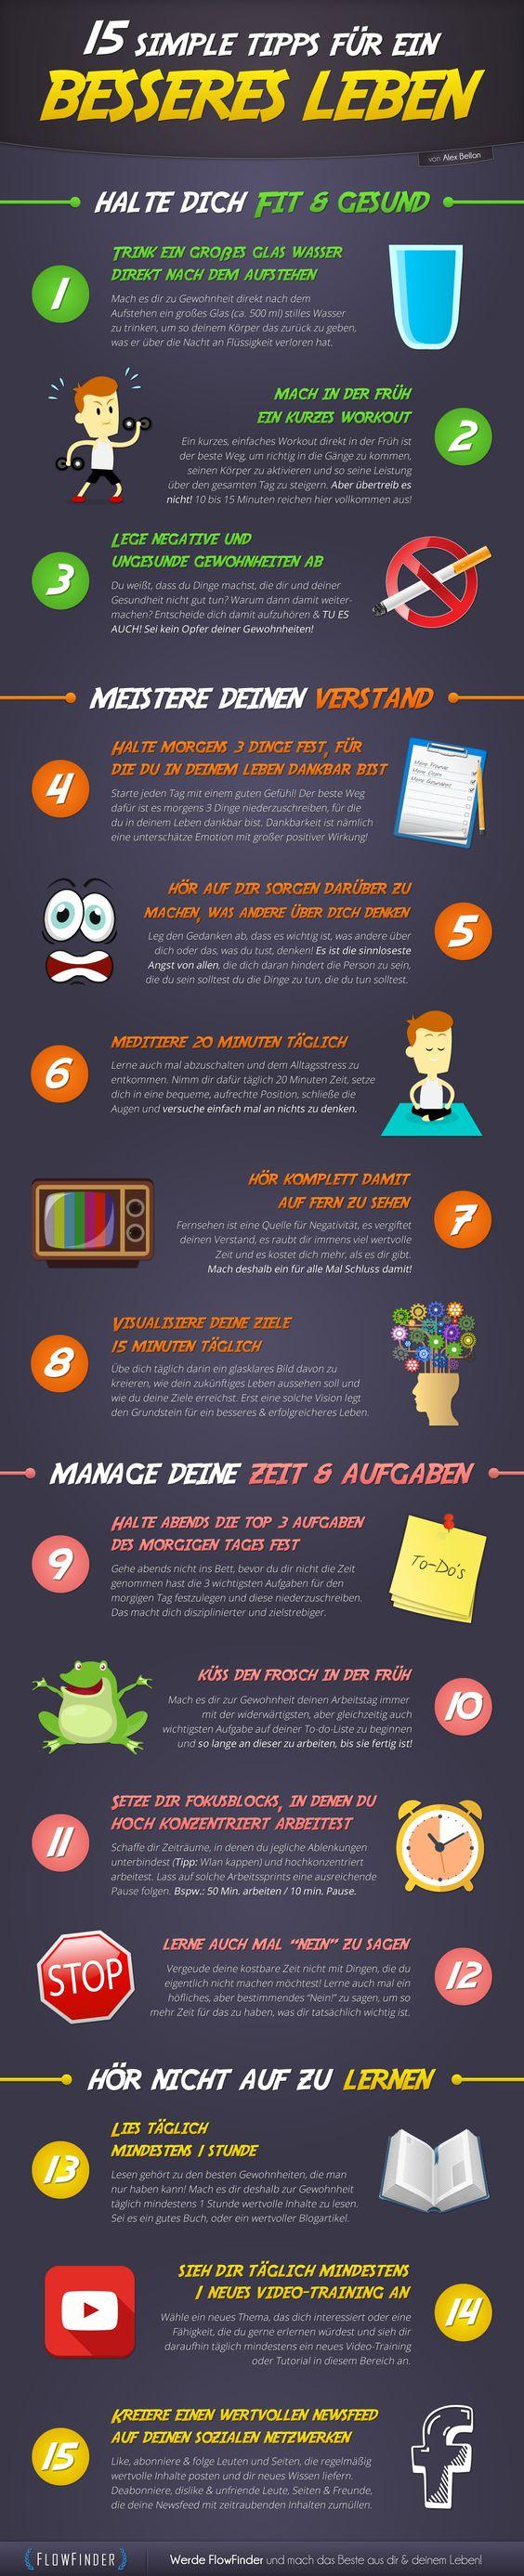 15 simple Tipps für ein besseres Leben